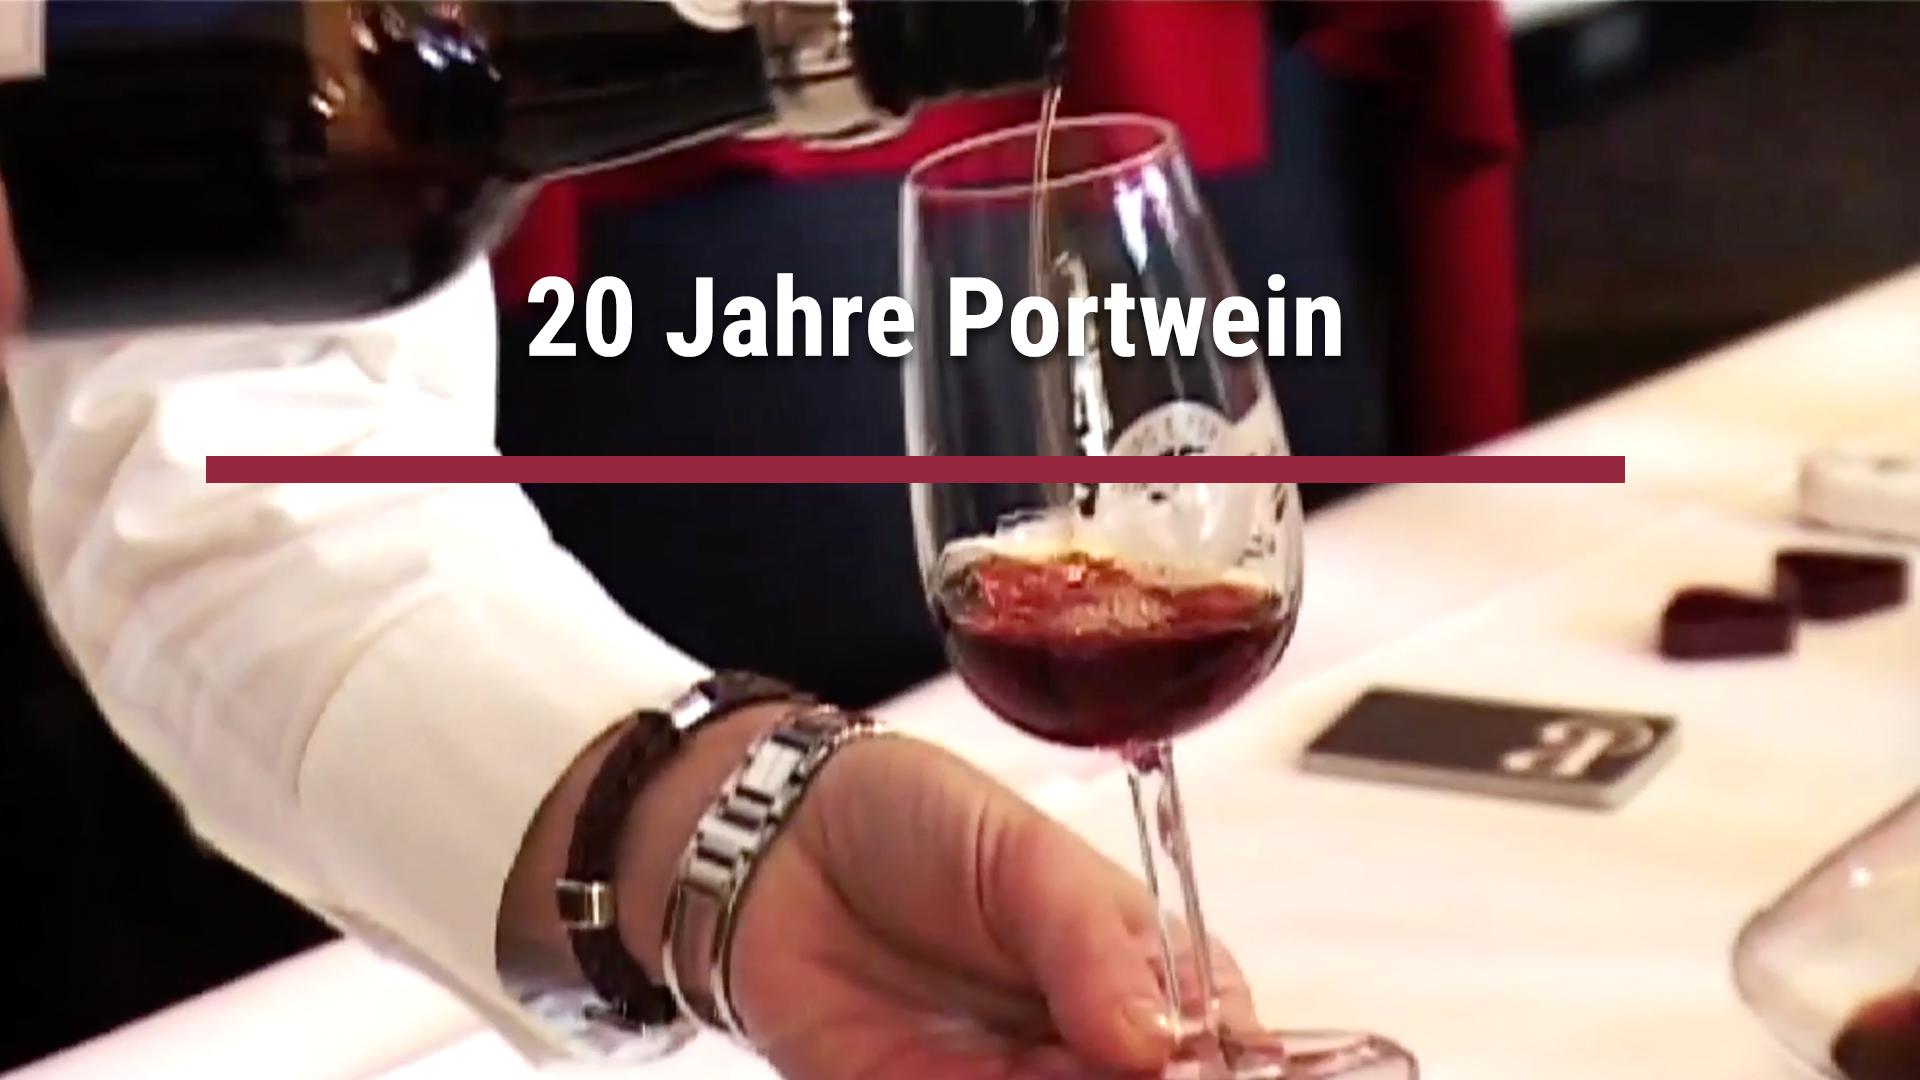 20 Jahre Portwein